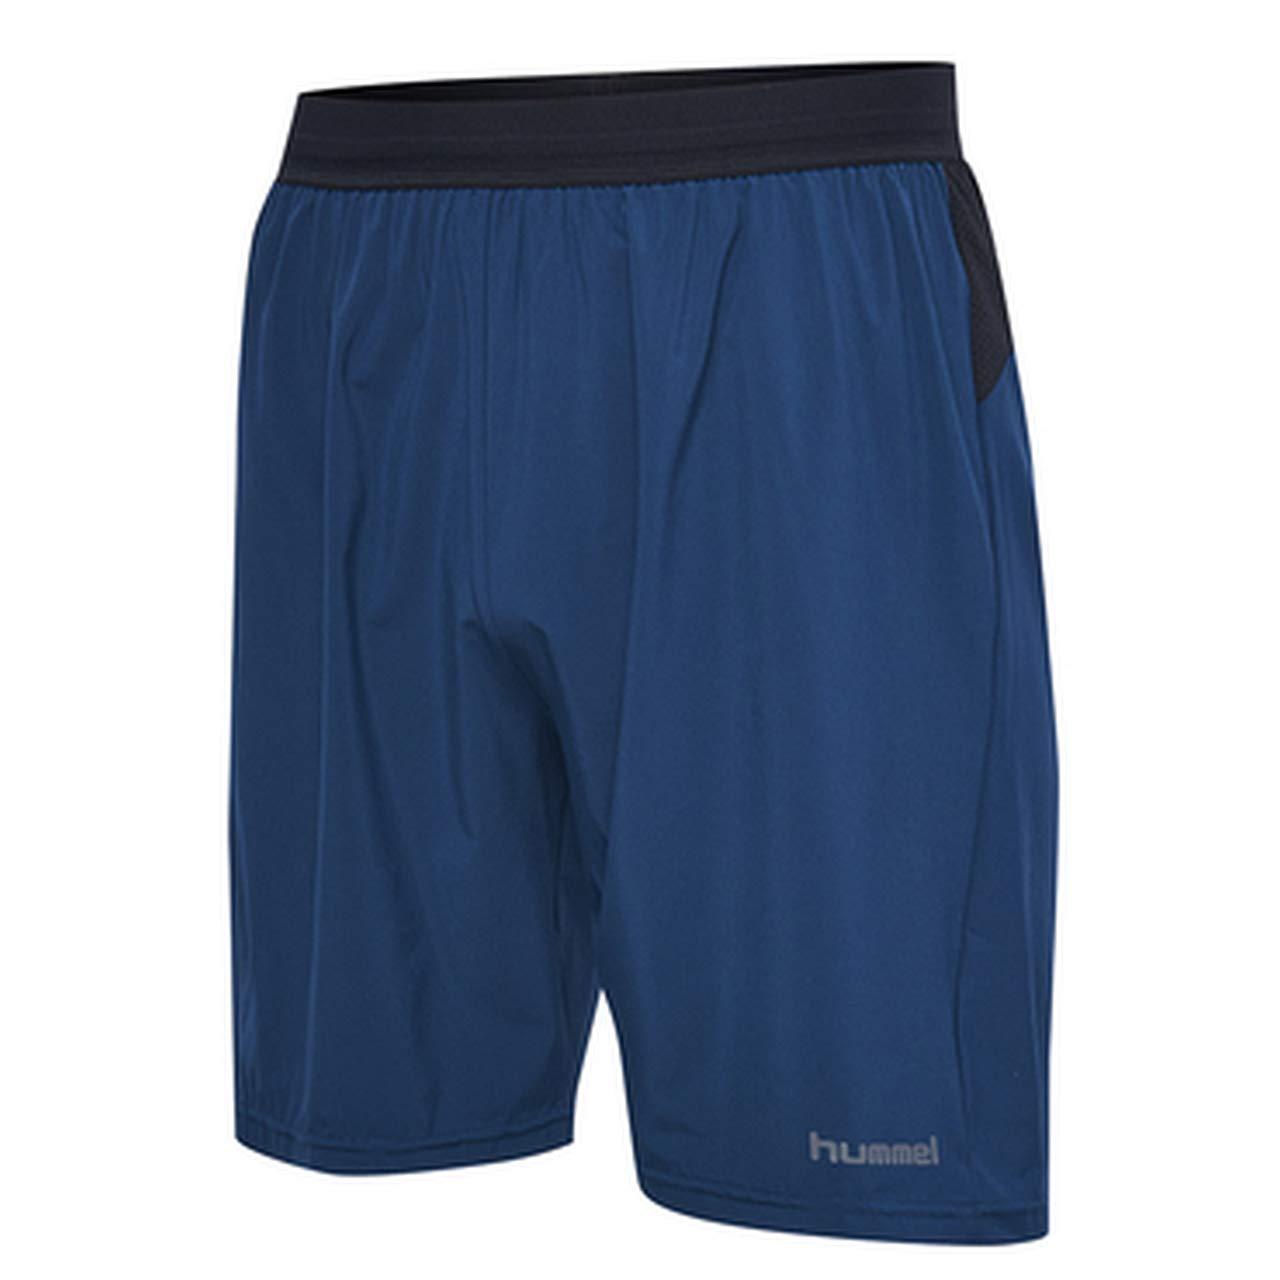 TALLA 2XL. hummel Precision Pro Pantalones Cortos